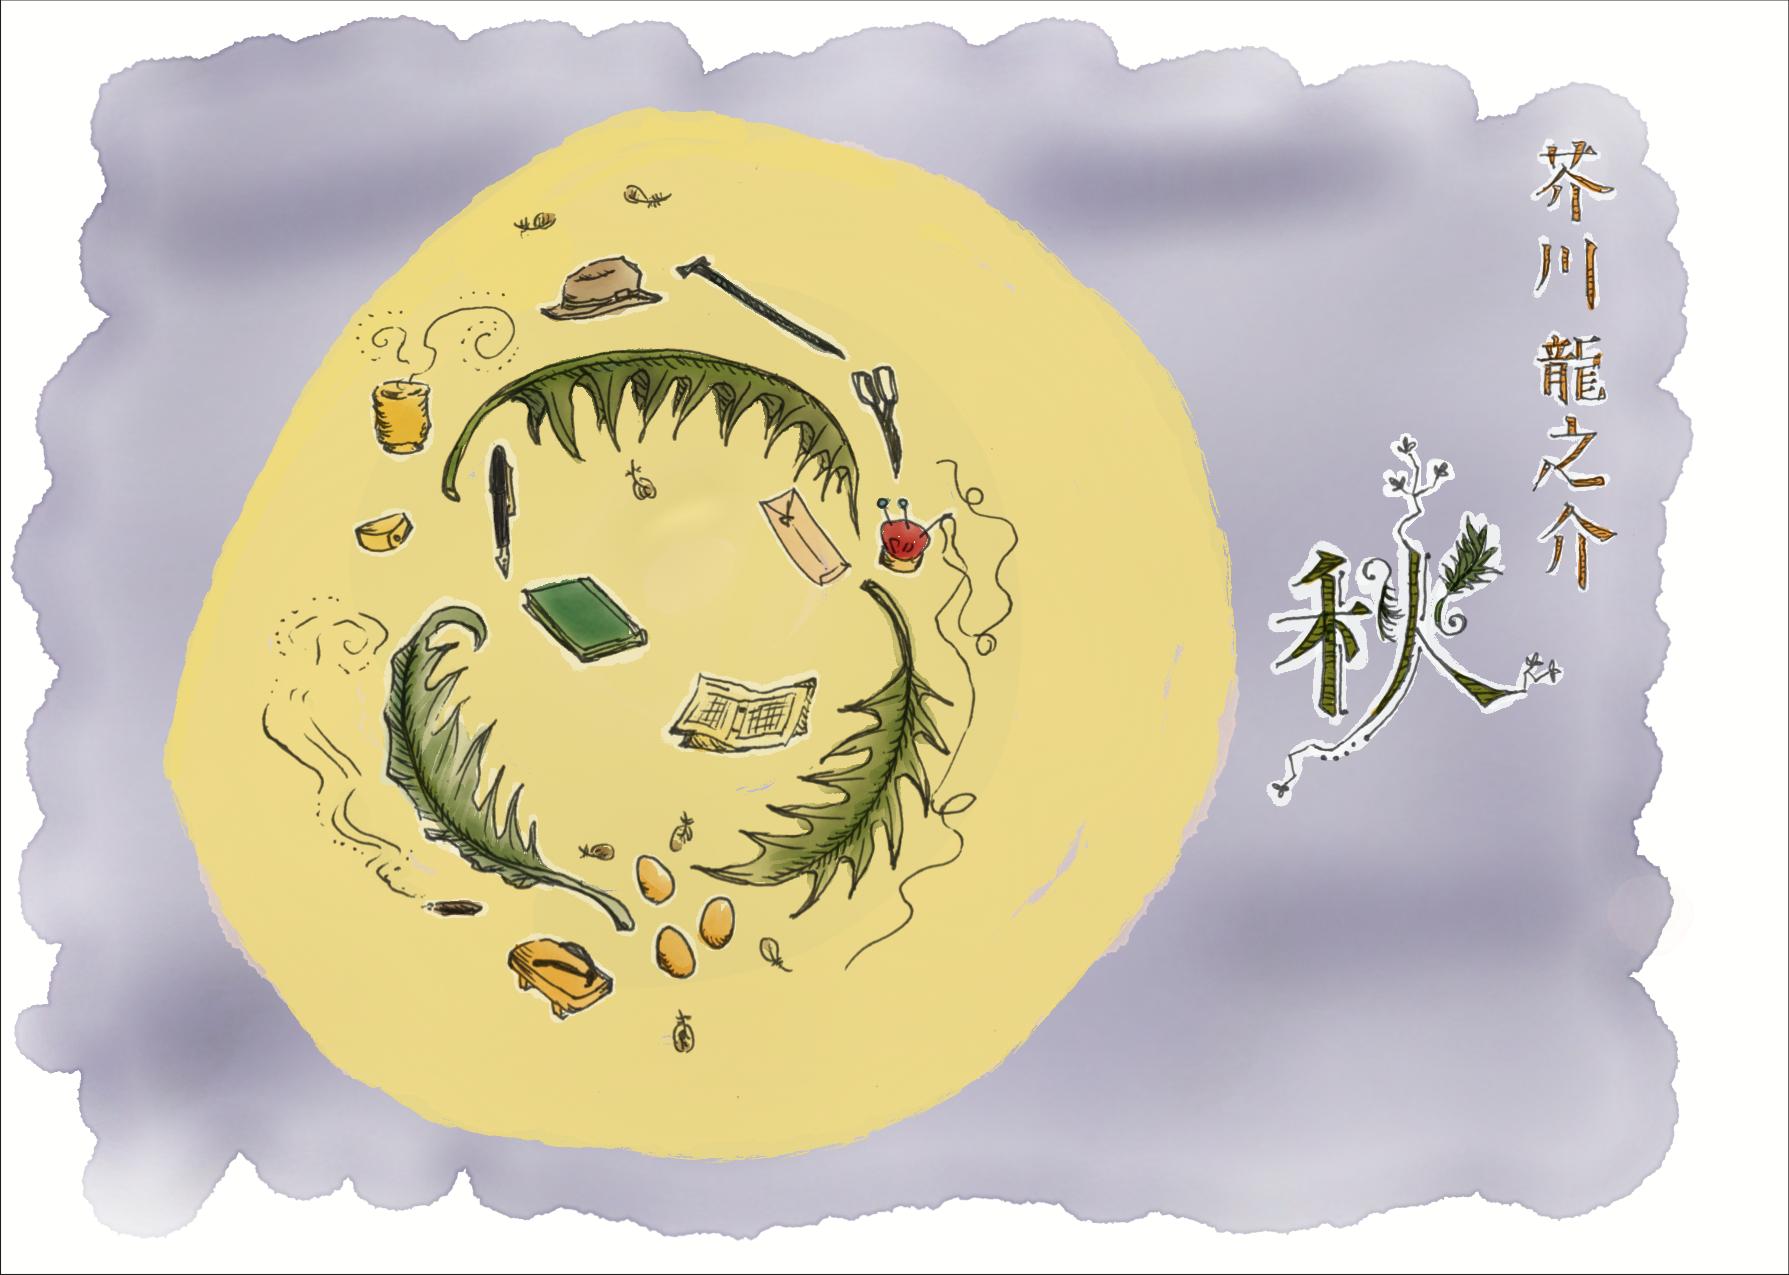 劇団ののと読む 朗読 芥川龍之介『秋』